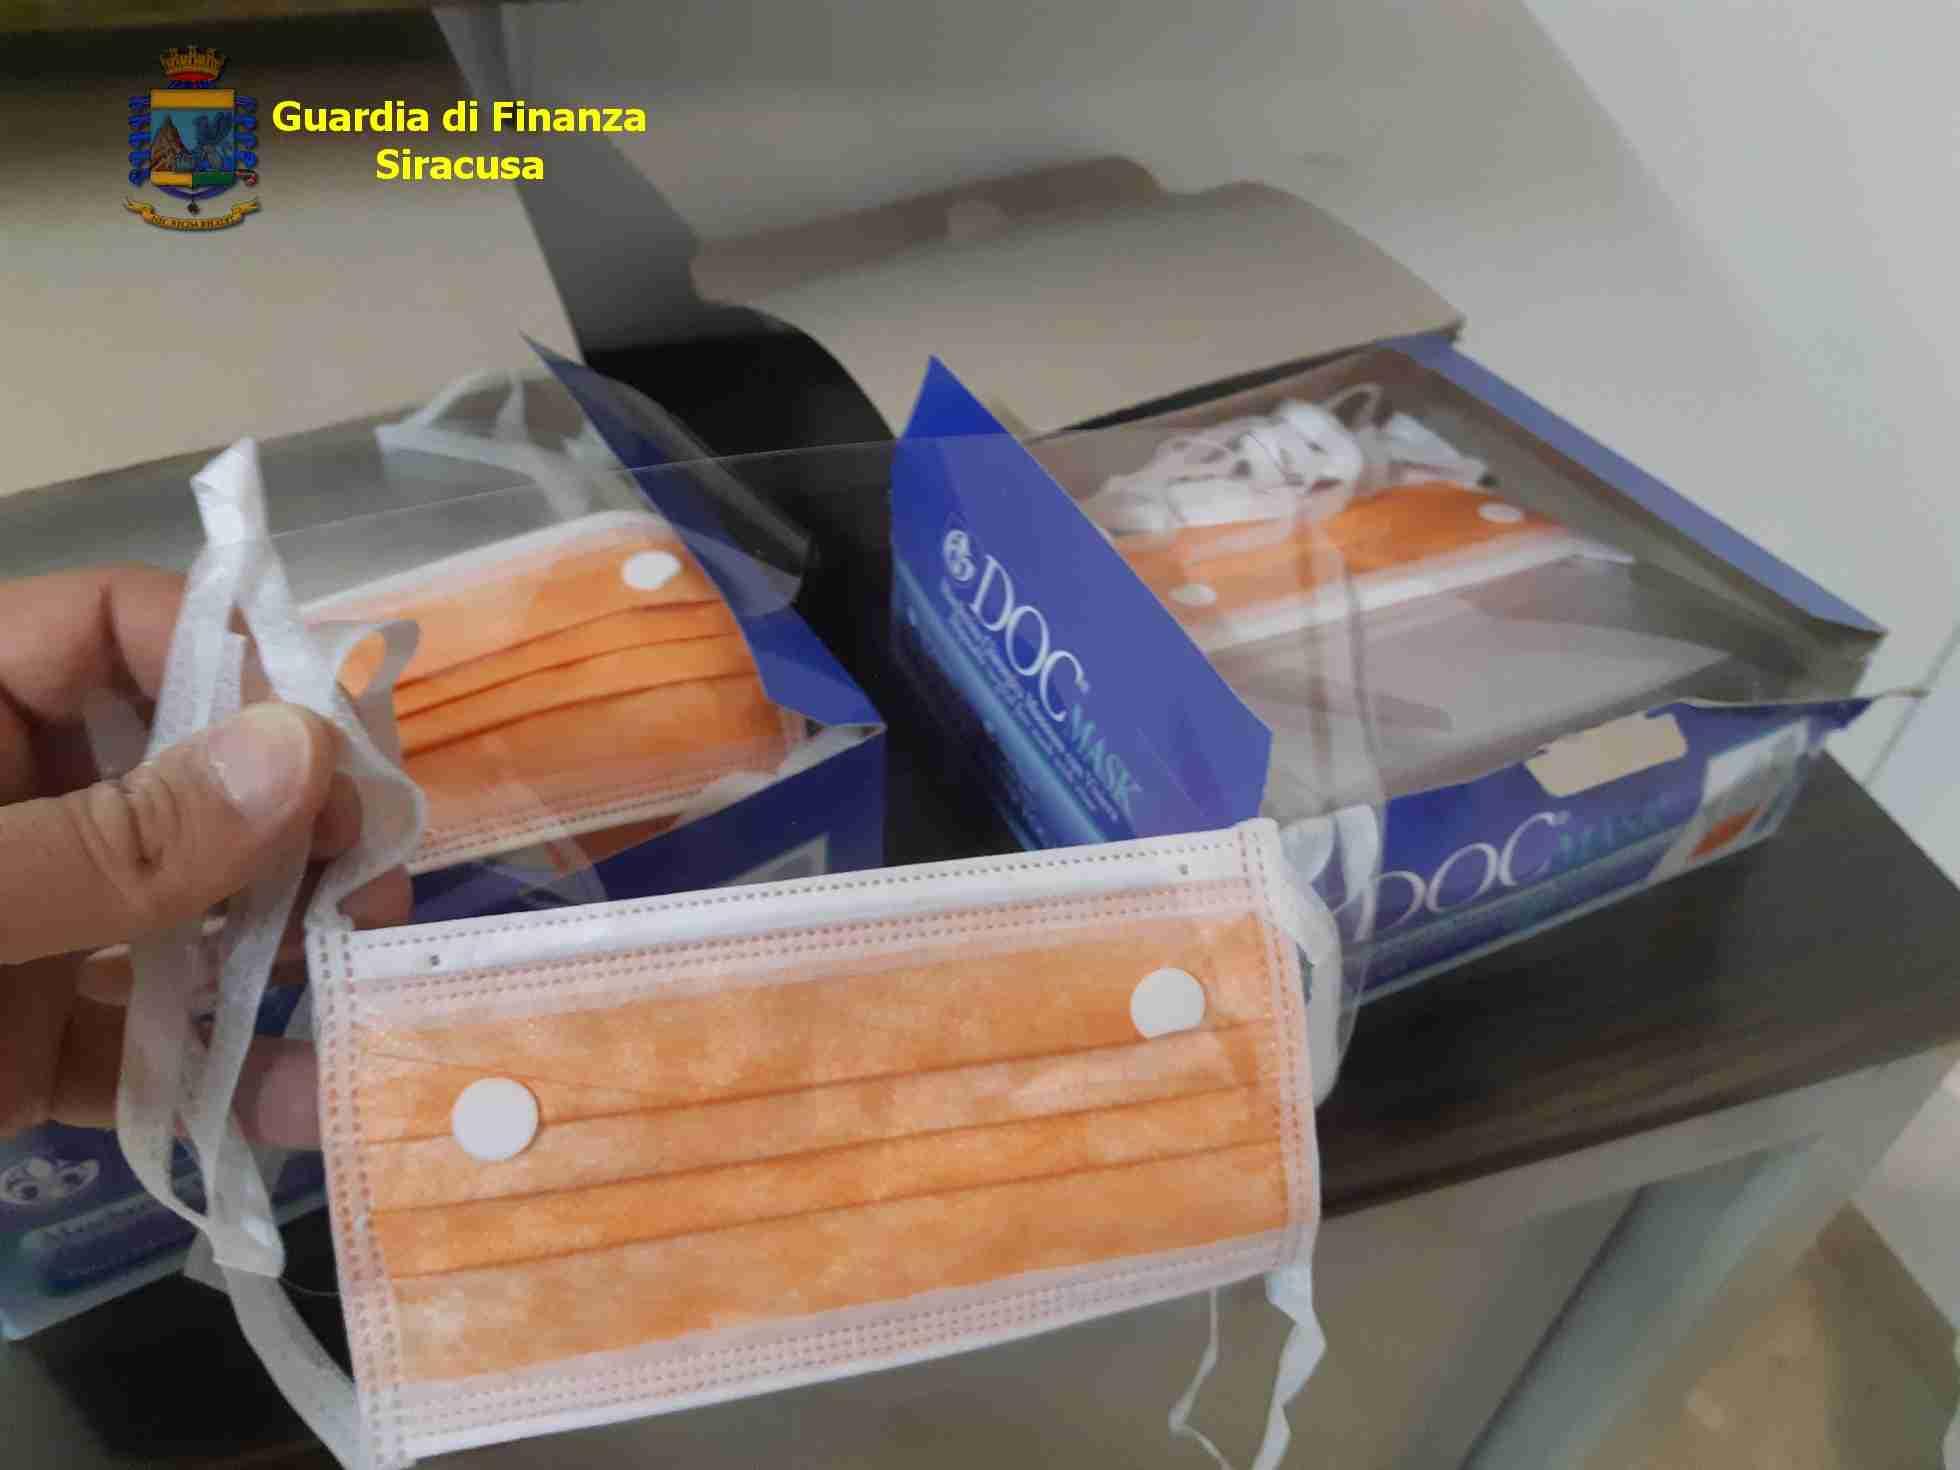 Coronavirus, Avola: speculava sulla vendita di mascherine chirurgiche. Denunciato un negoziante